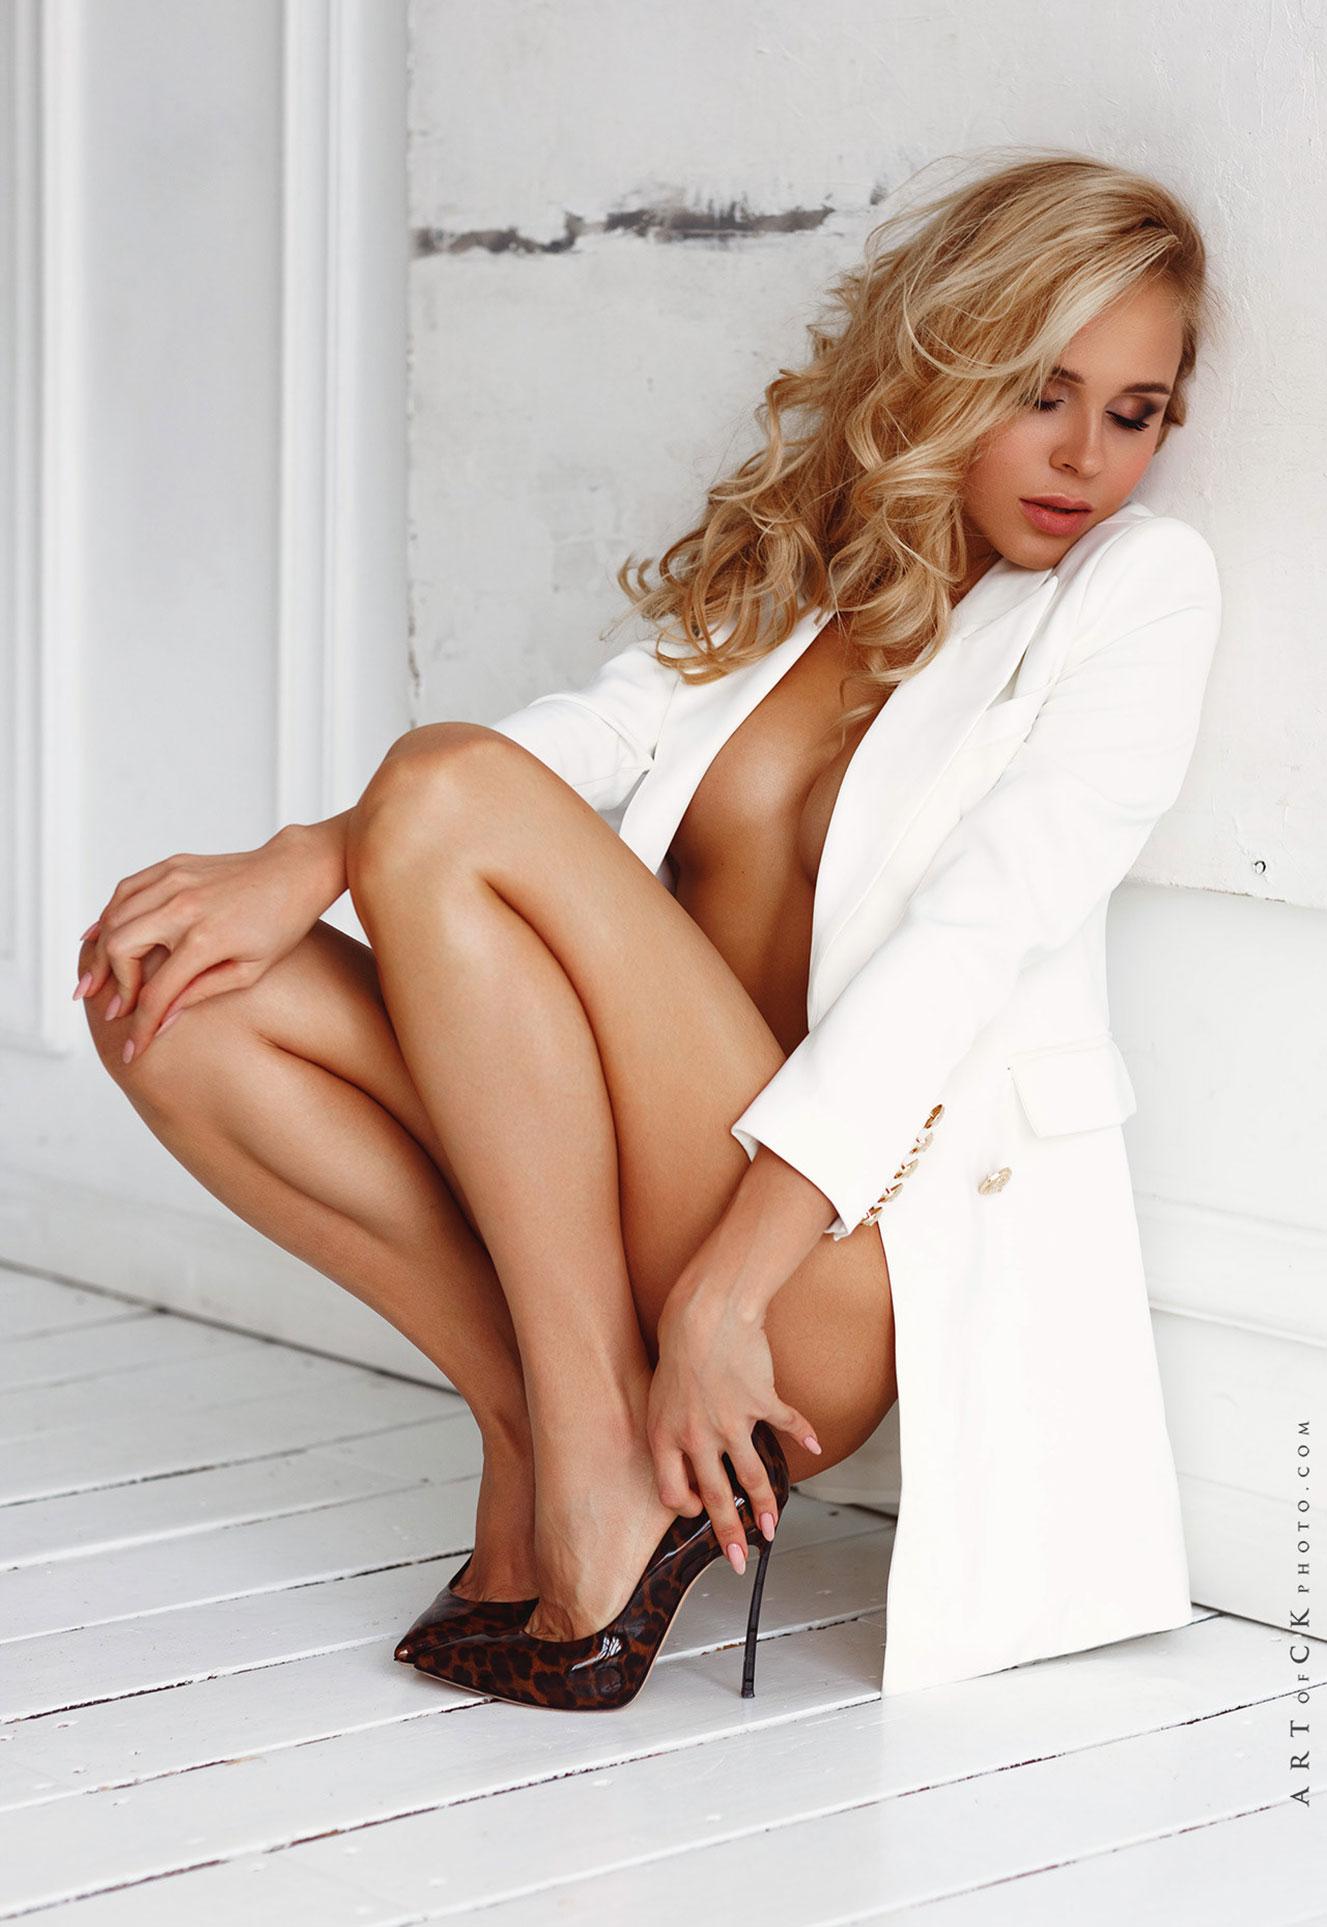 самая сексуальная русская медсестра в домашней обстановке / фото 05